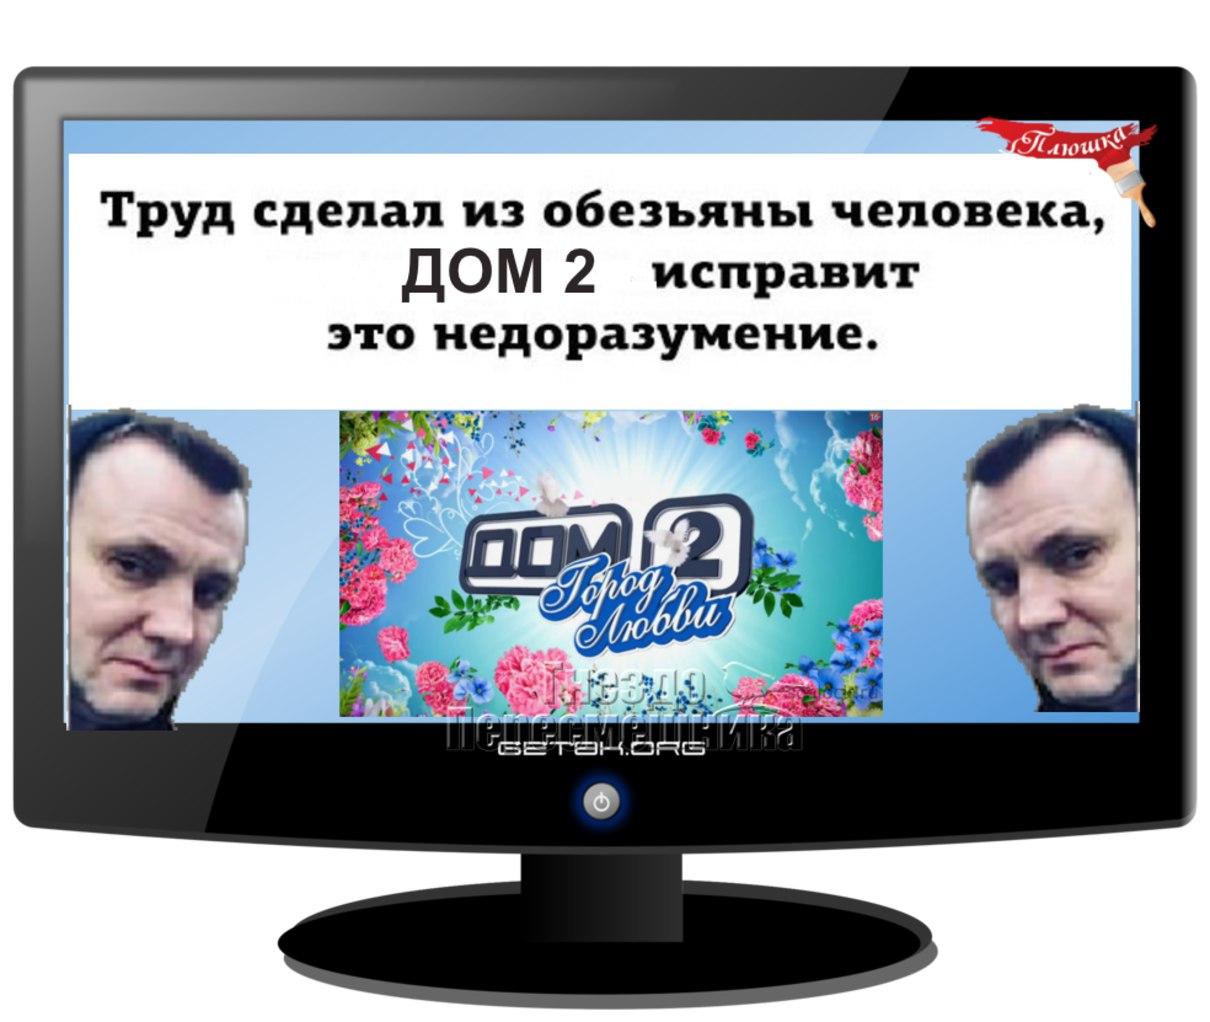 Новости россия 29 июля